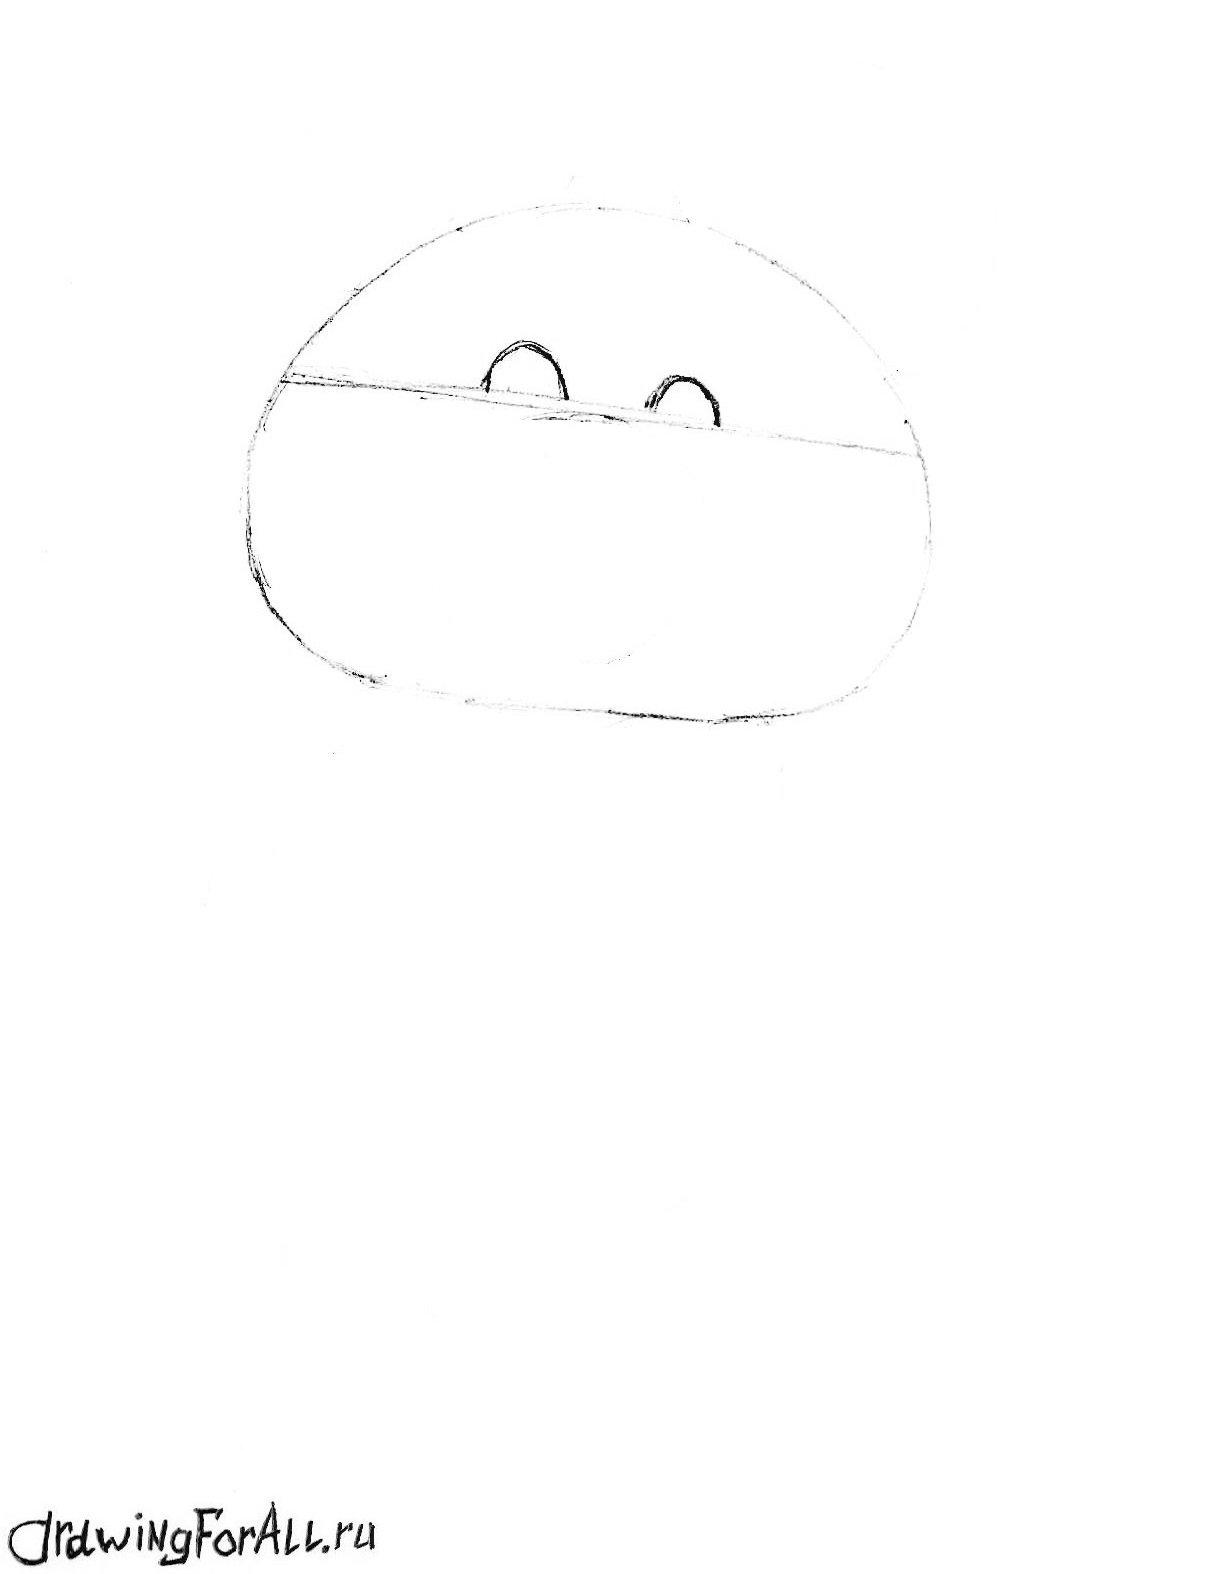 как нарисовать олимпийского мишку поэтапно